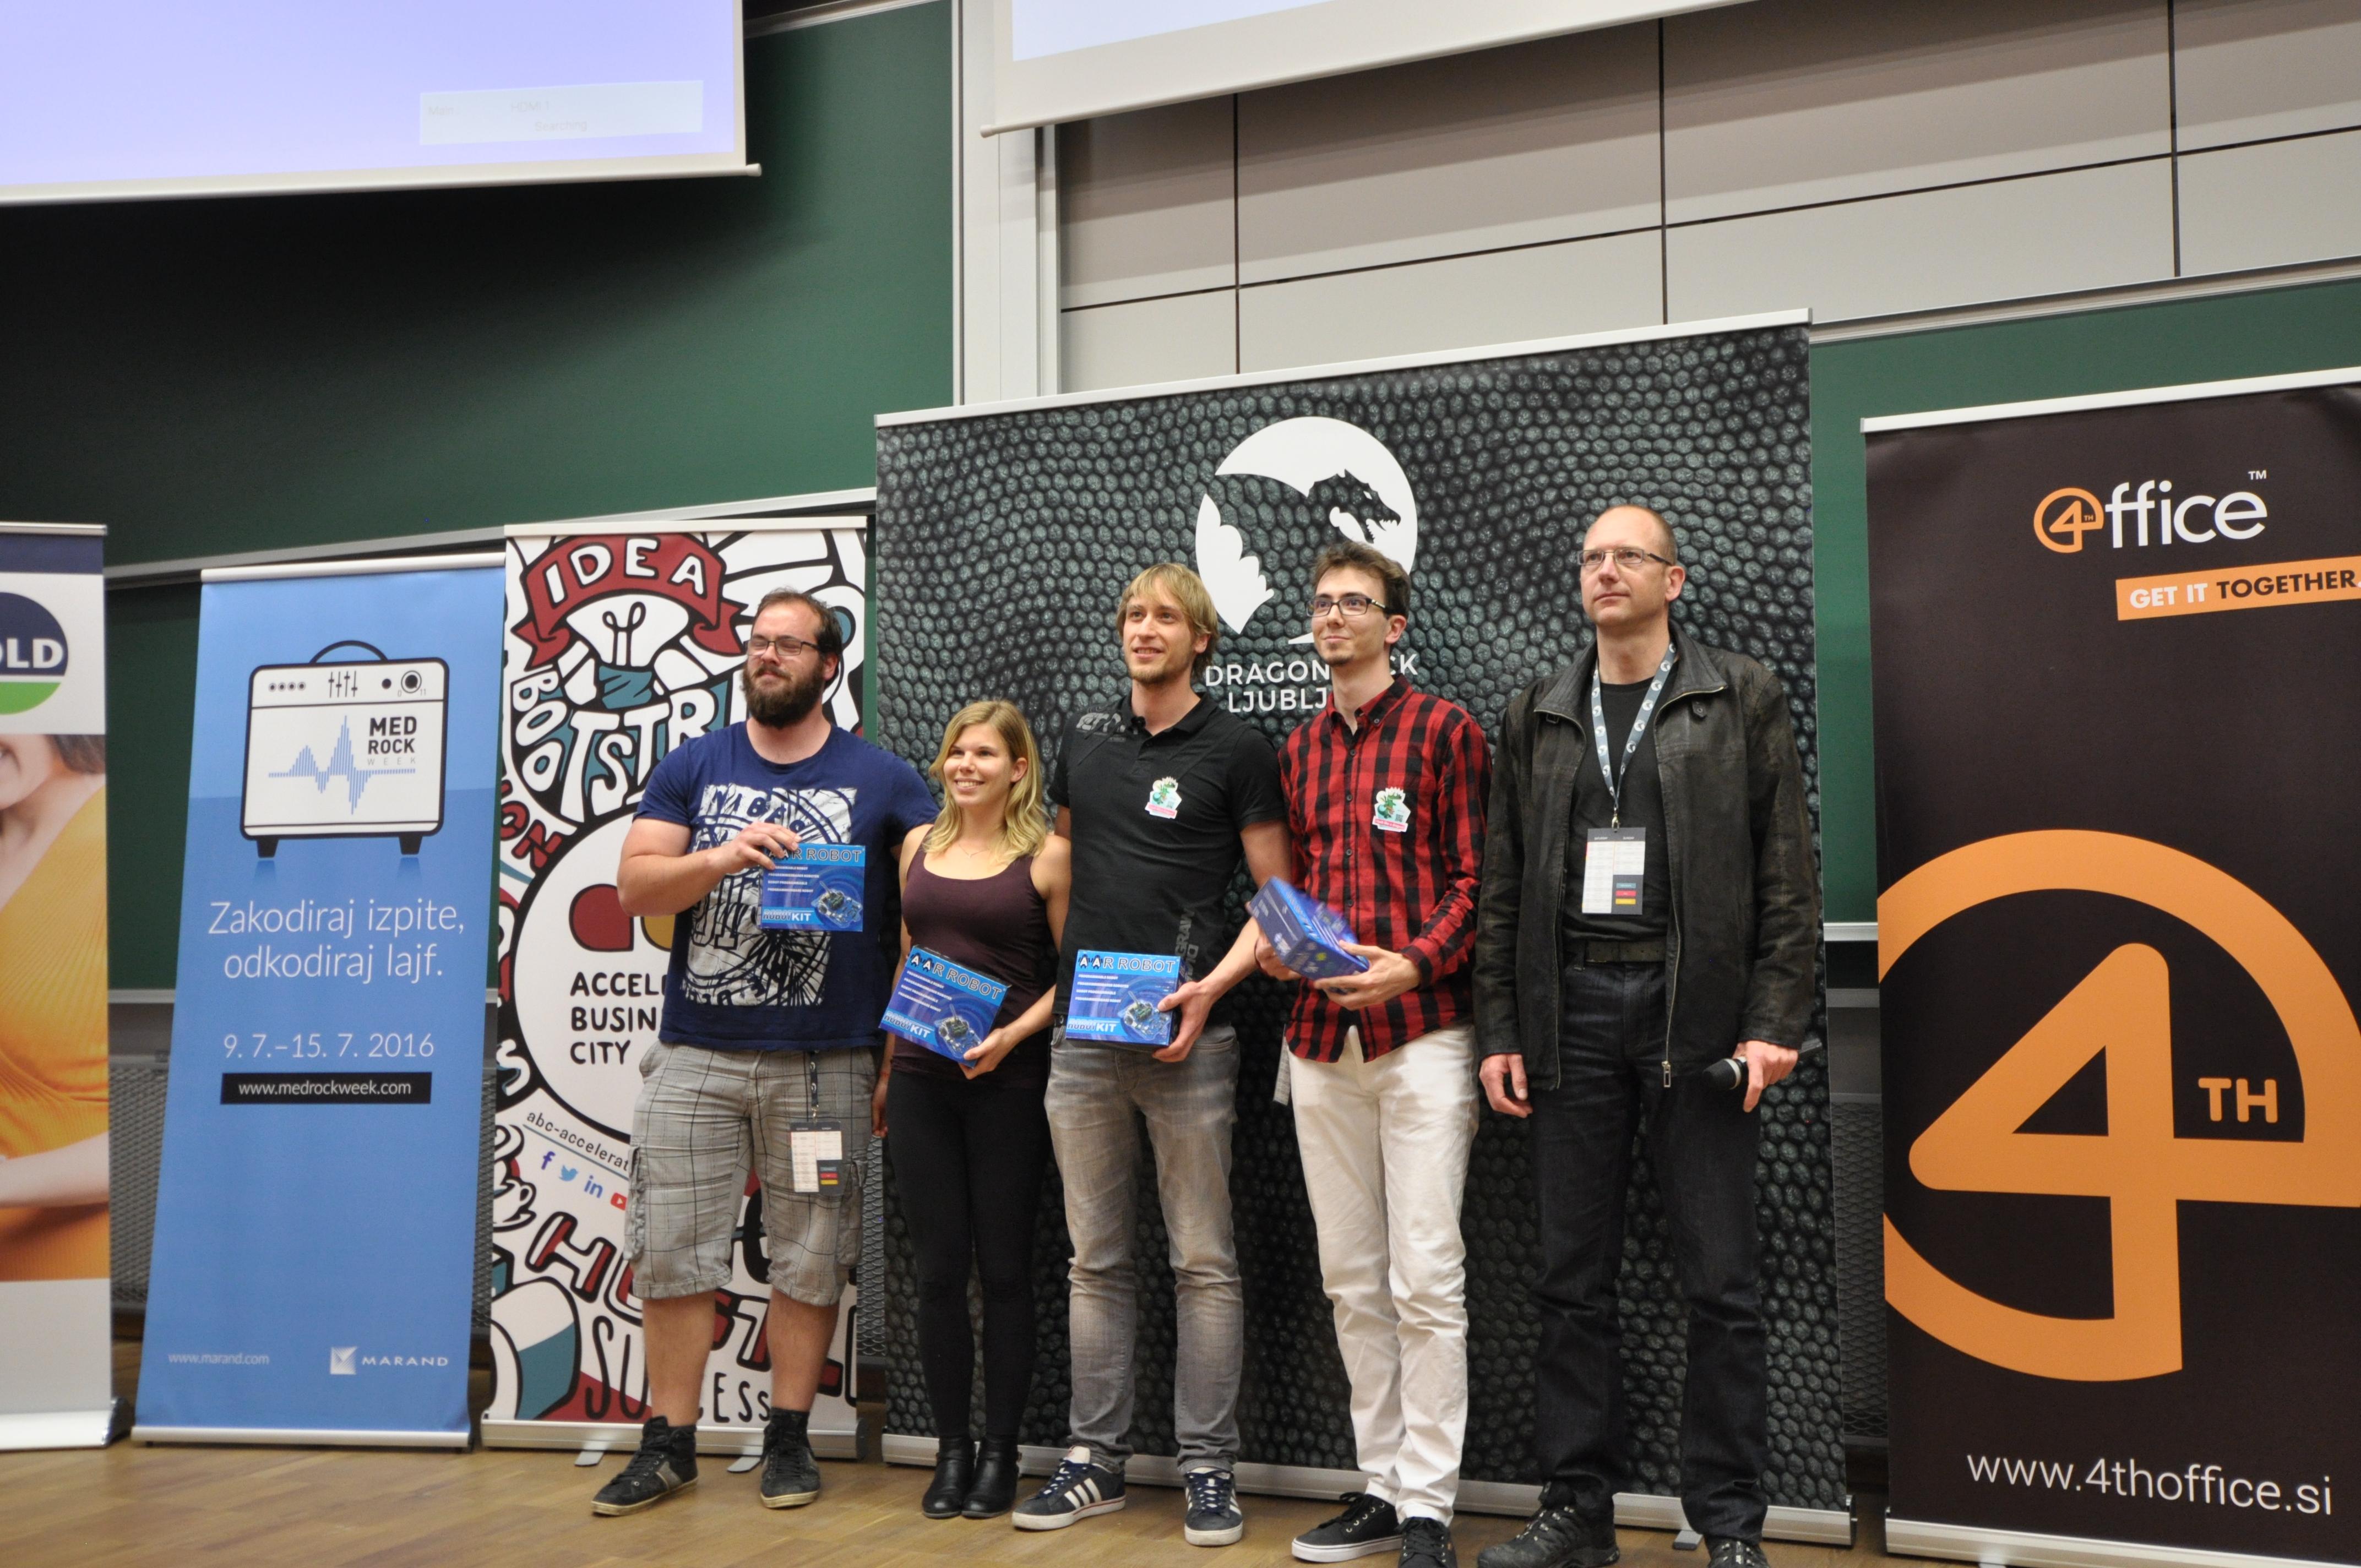 Marko Gombač iz Result d.o.o. z zmagovalci, eipo Hackapong